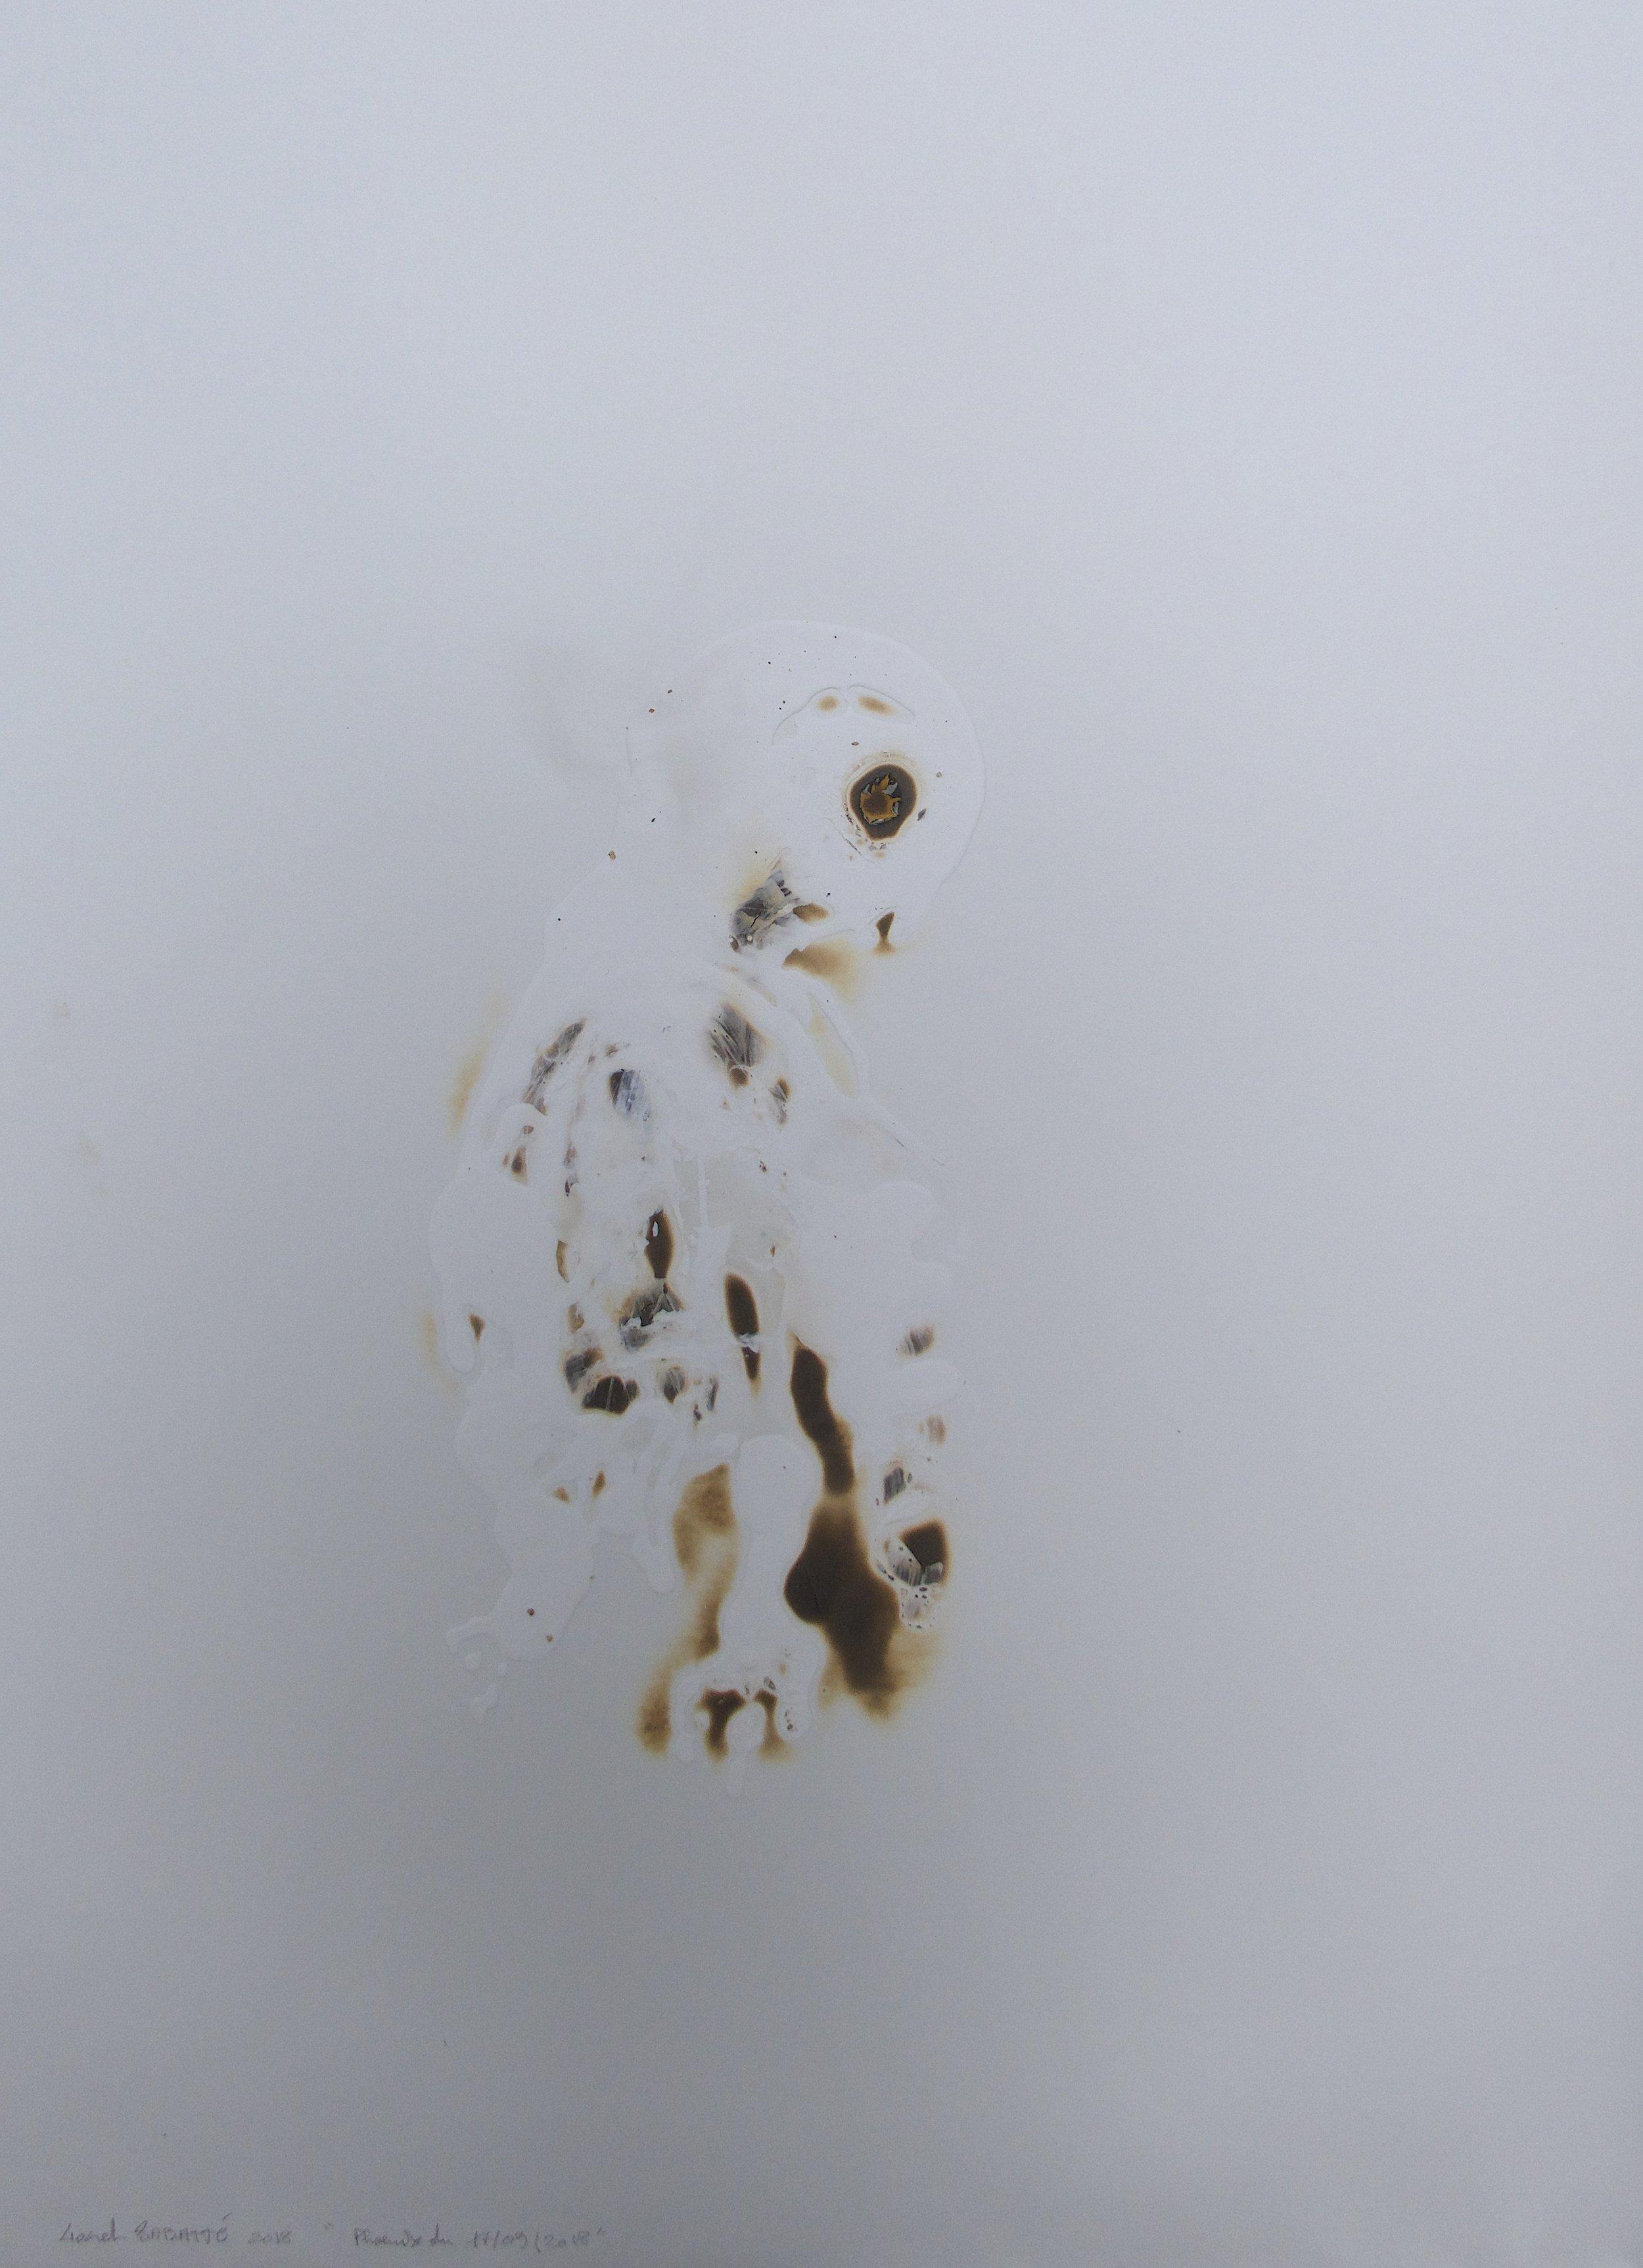 """© Lionel Sabatté, """"Phoenix du 17/09/2018, """"brûlures et acrylique sur papier, 80x60 cm, 2018, Courtesy Galerie C"""